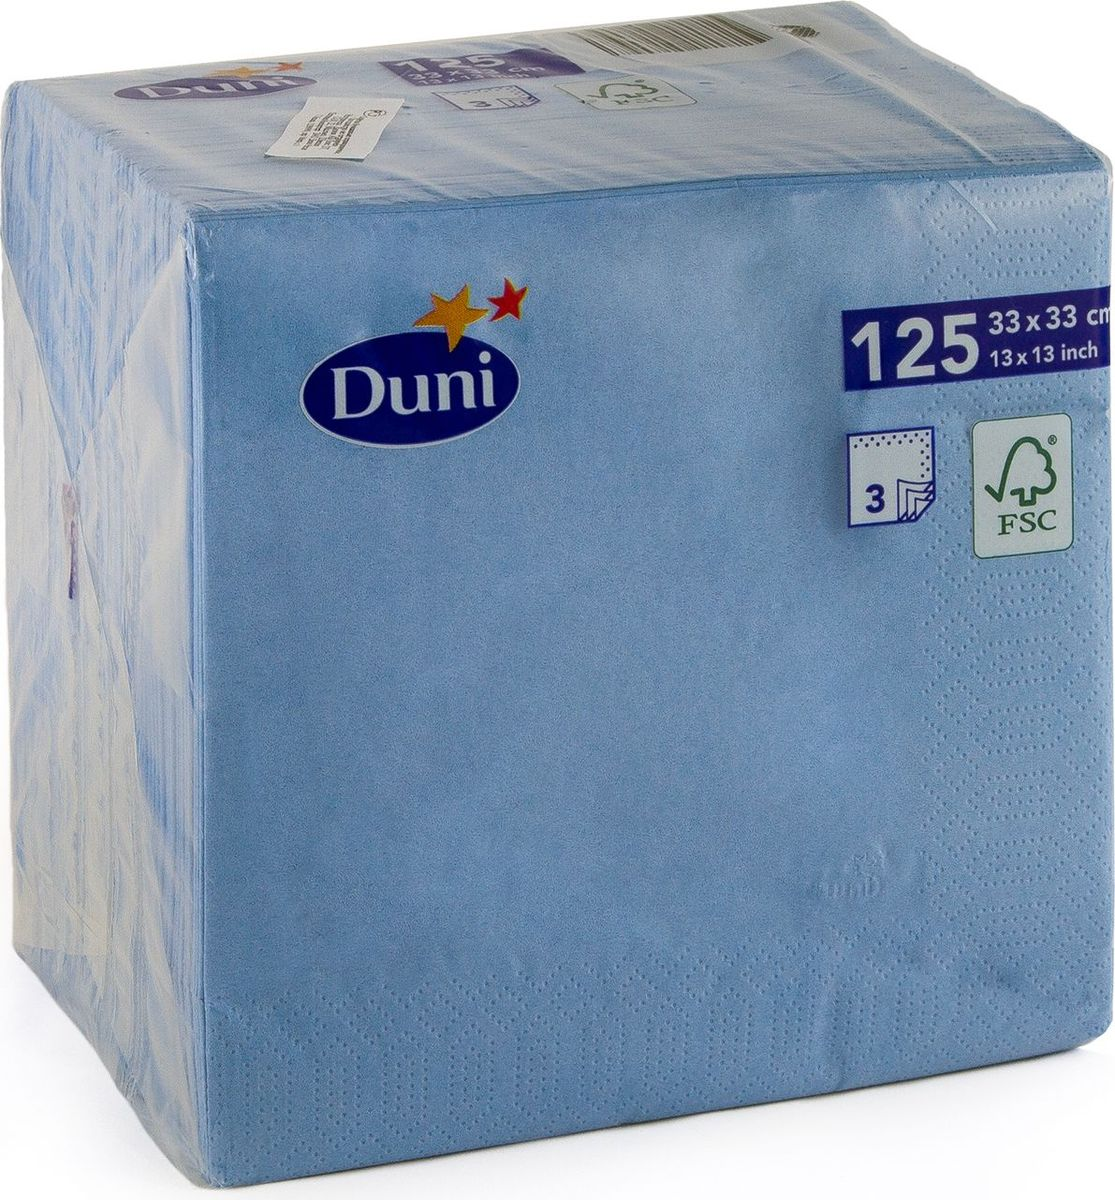 Салфетки бумажные Duni, 3-слойные, цвет: голубой, 33 х 33 см салфетки бумажные круглые 3 слойные 12 шт ассорти